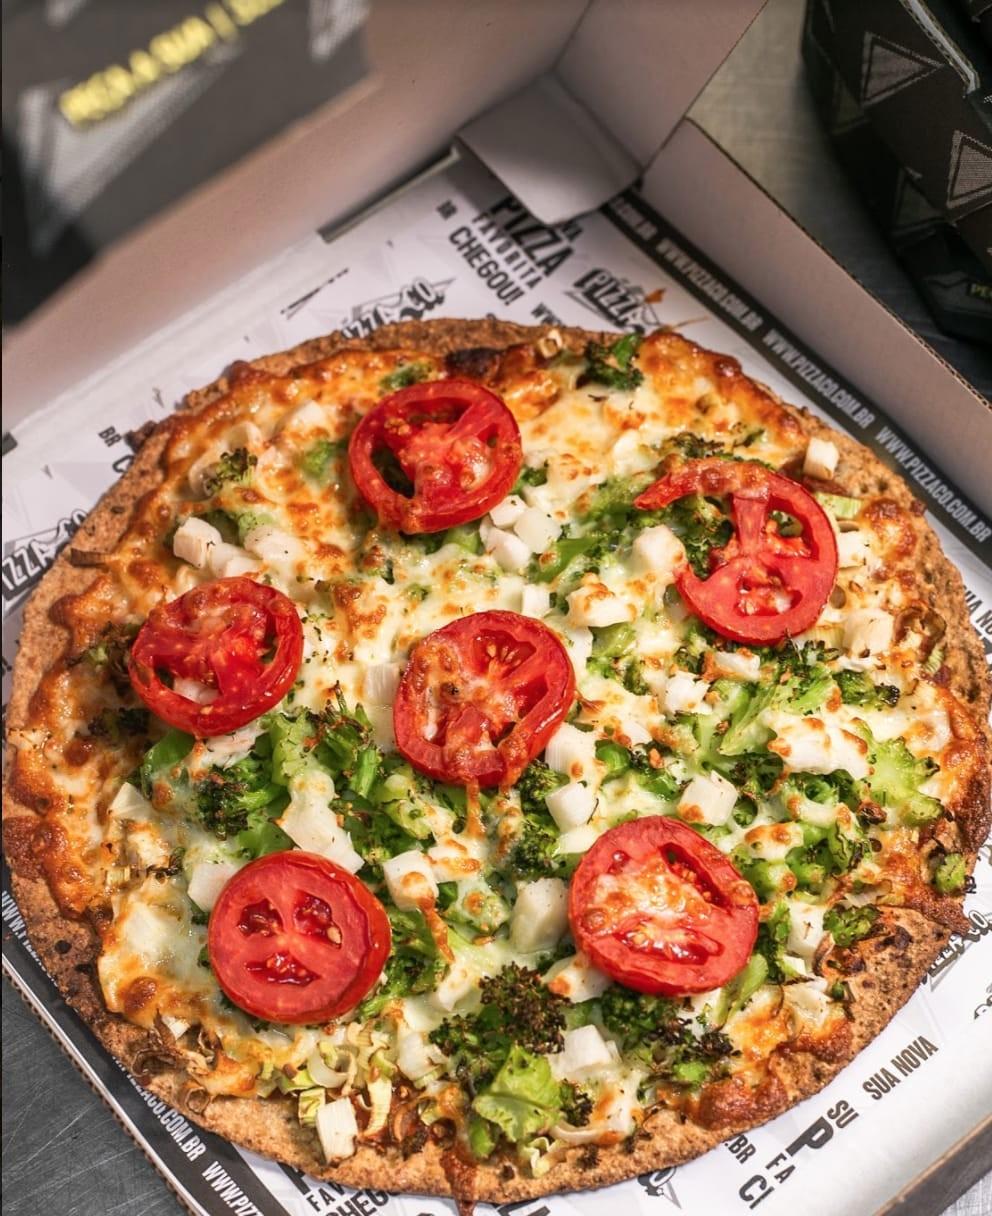 Aprenda a fazer uma pizza perfeita, da massa ao recheio, na sua casa; veja